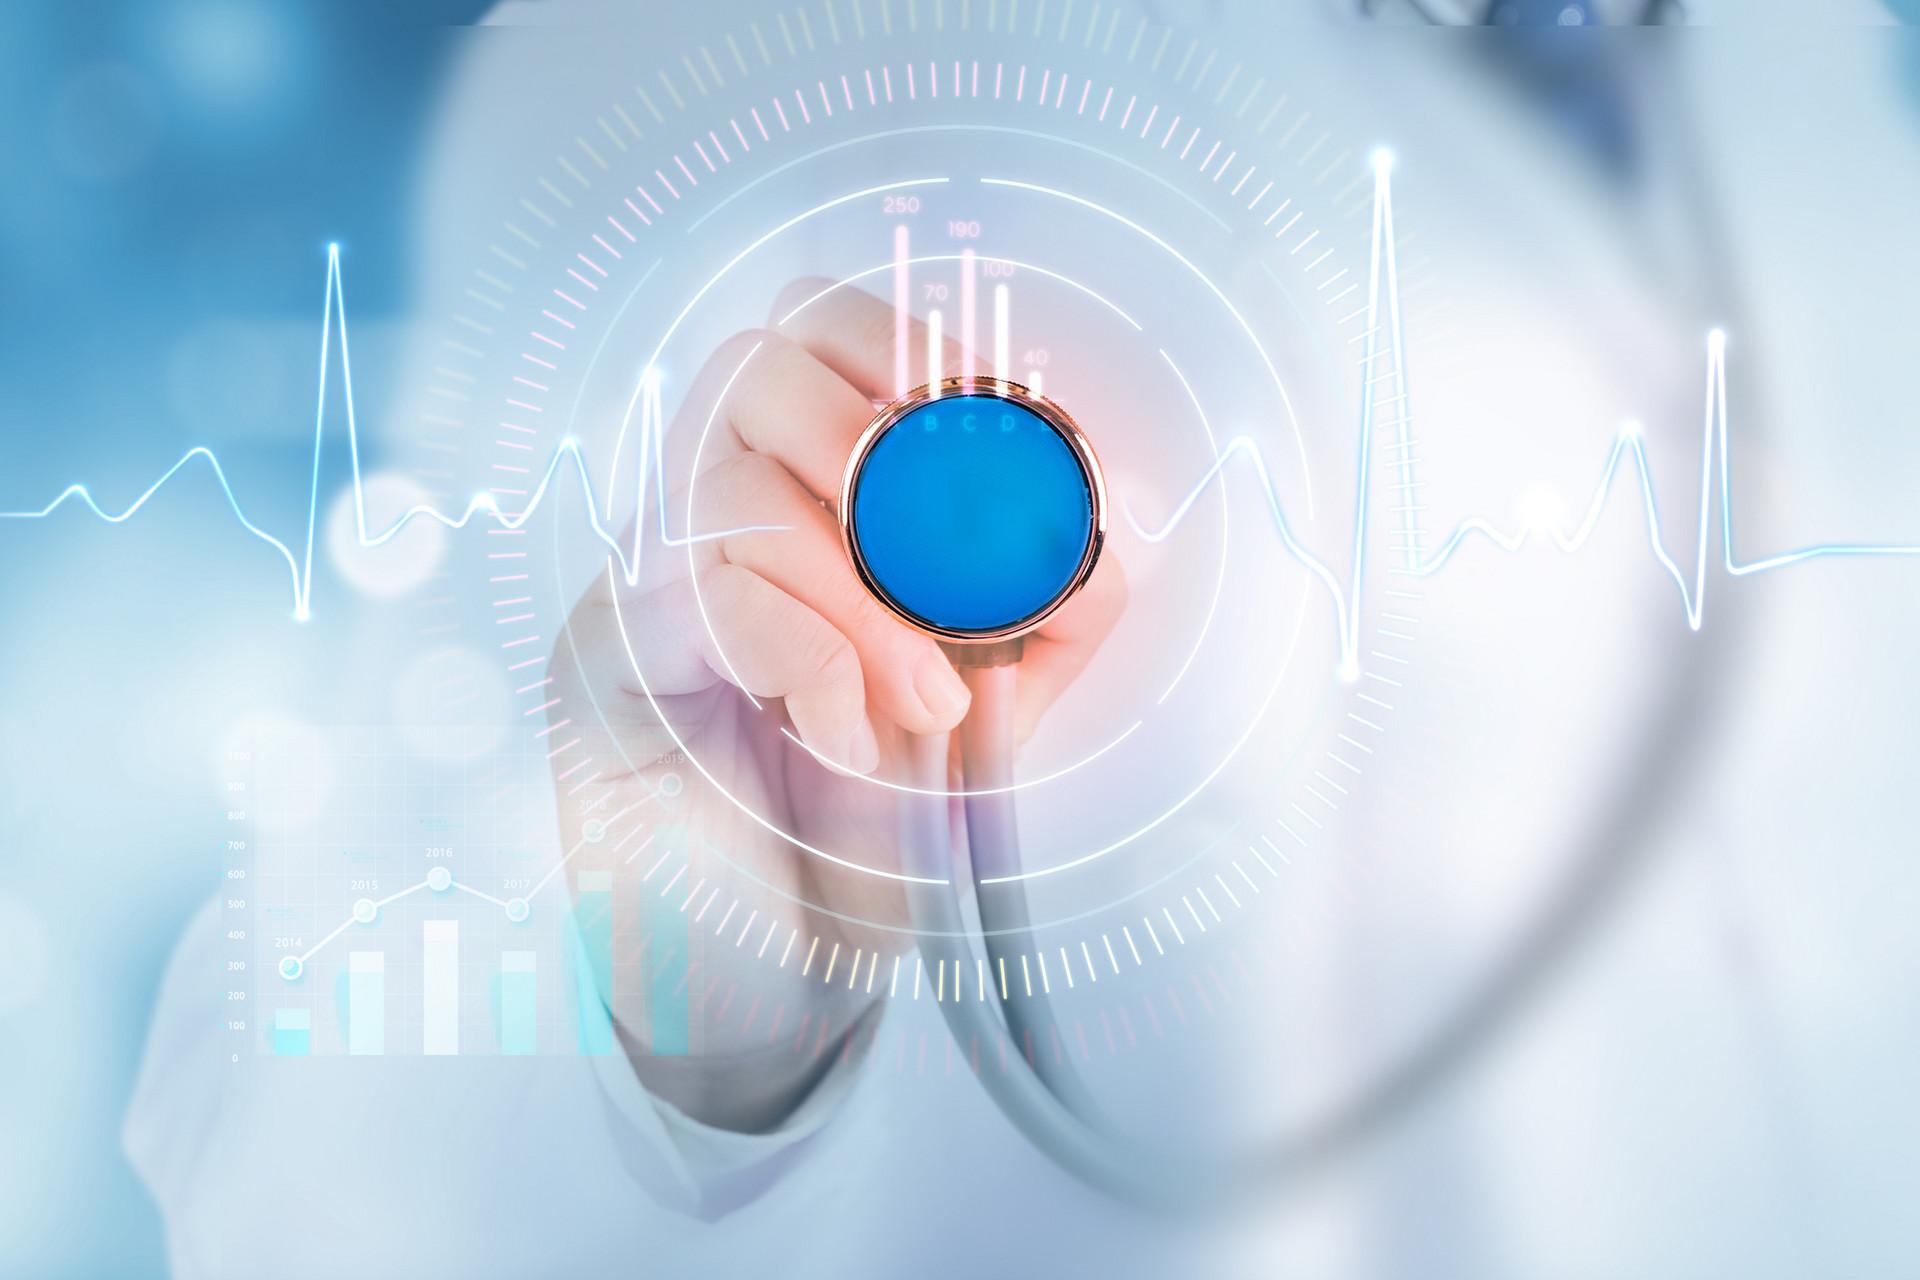 甲状腺检查哪些项目,各个指标意味着什么?